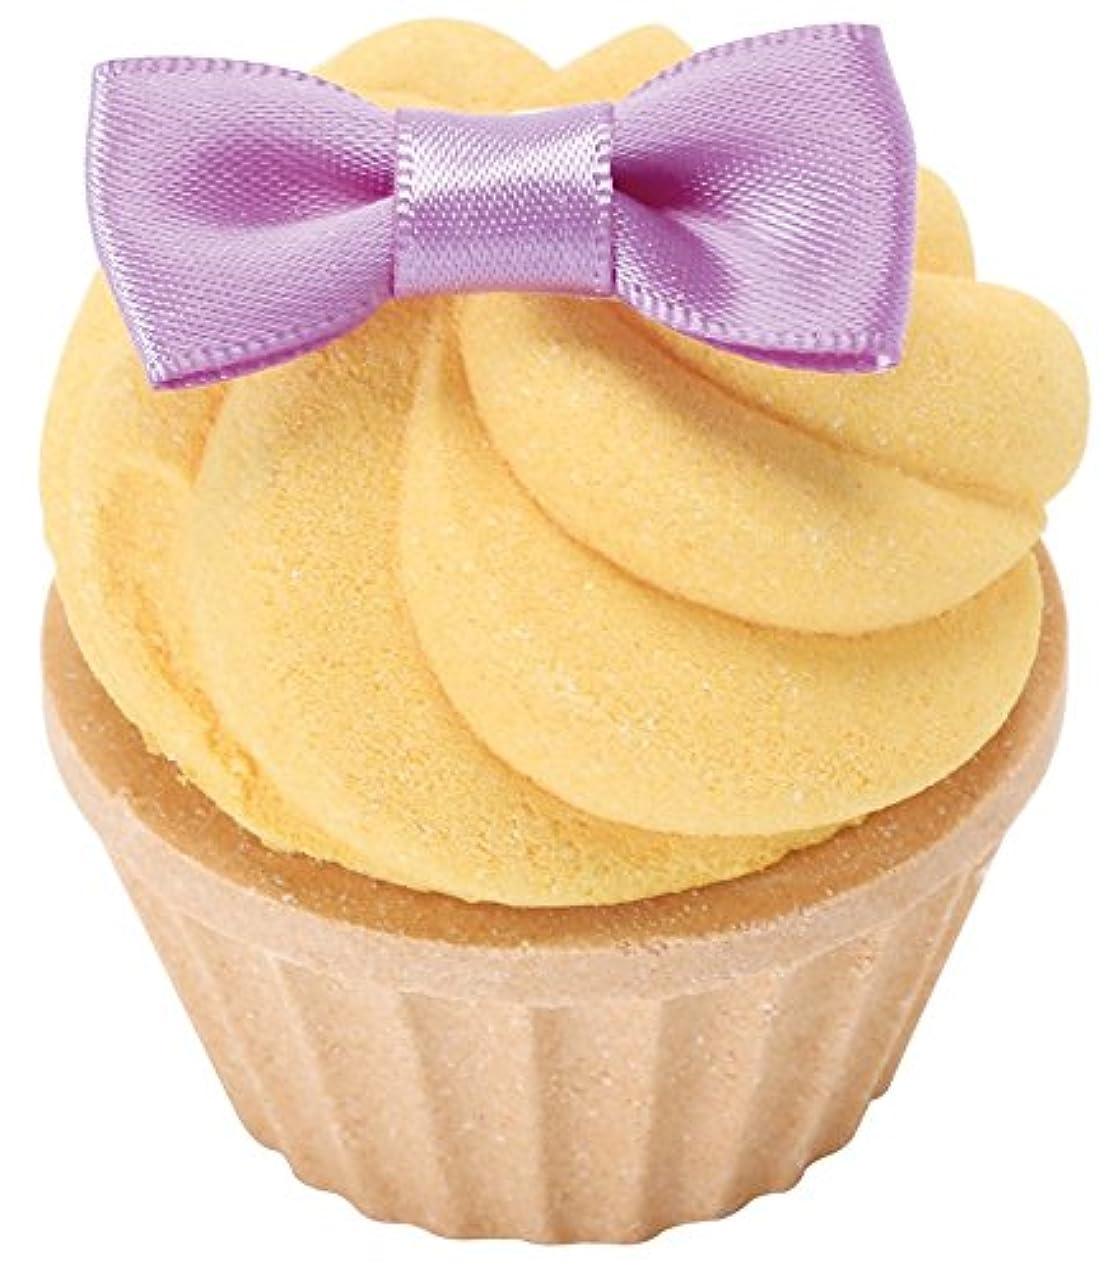 混沌調和のとれたドームノルコーポレーション お風呂用 芳香剤 おめかしカップケーキフィズ 60g フルーツサワーの香り OB-SMM-14-3